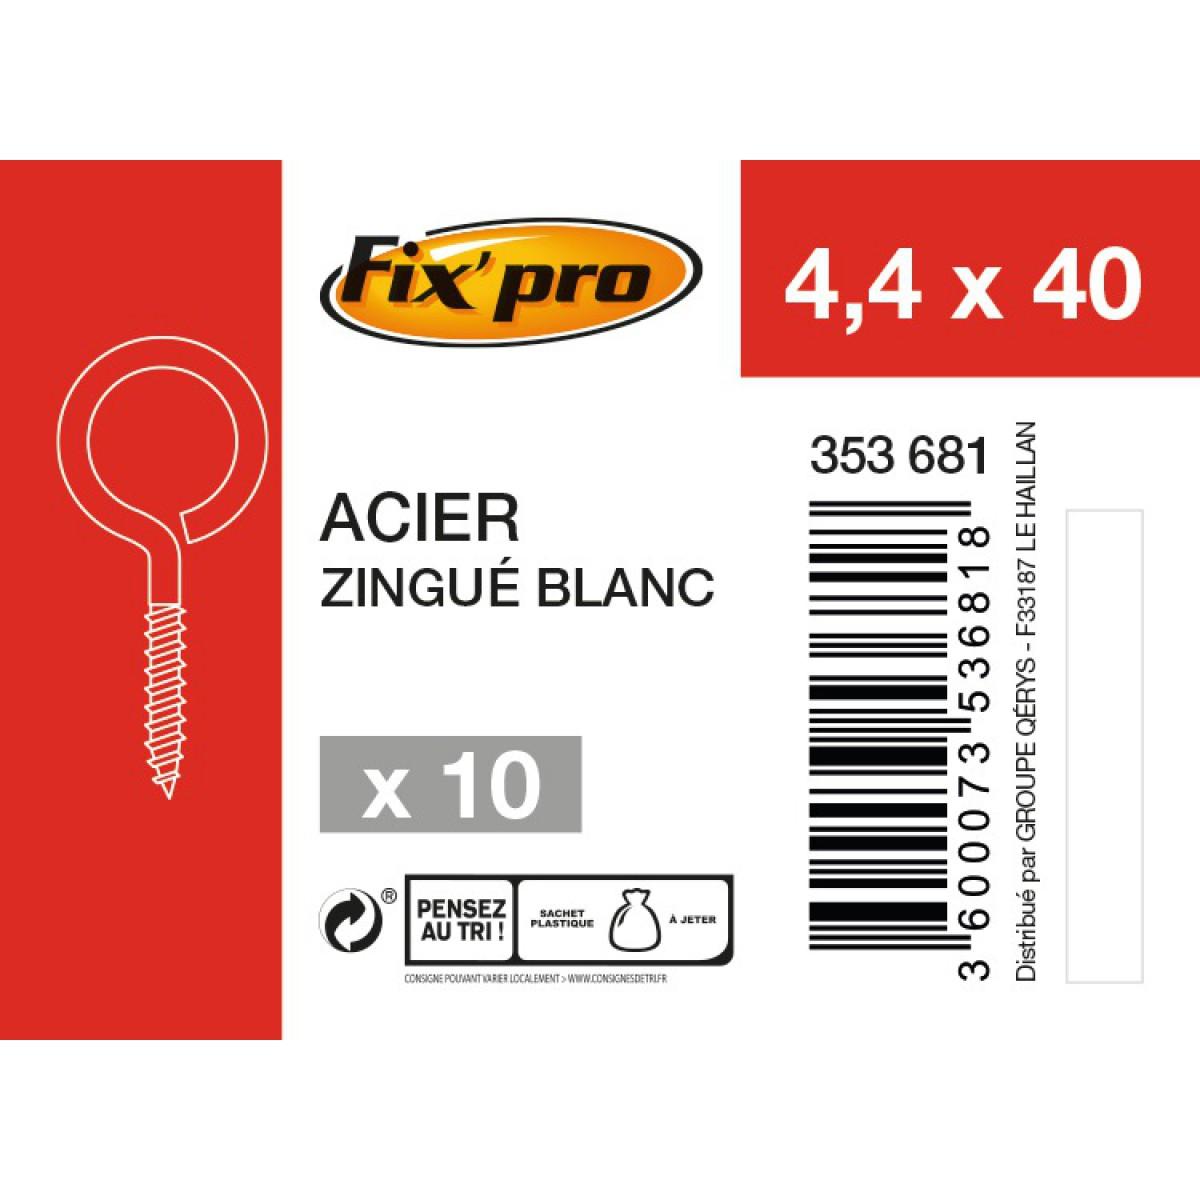 Piton à visser acier zingué - 4,4x40 - 10pces - Fixpro